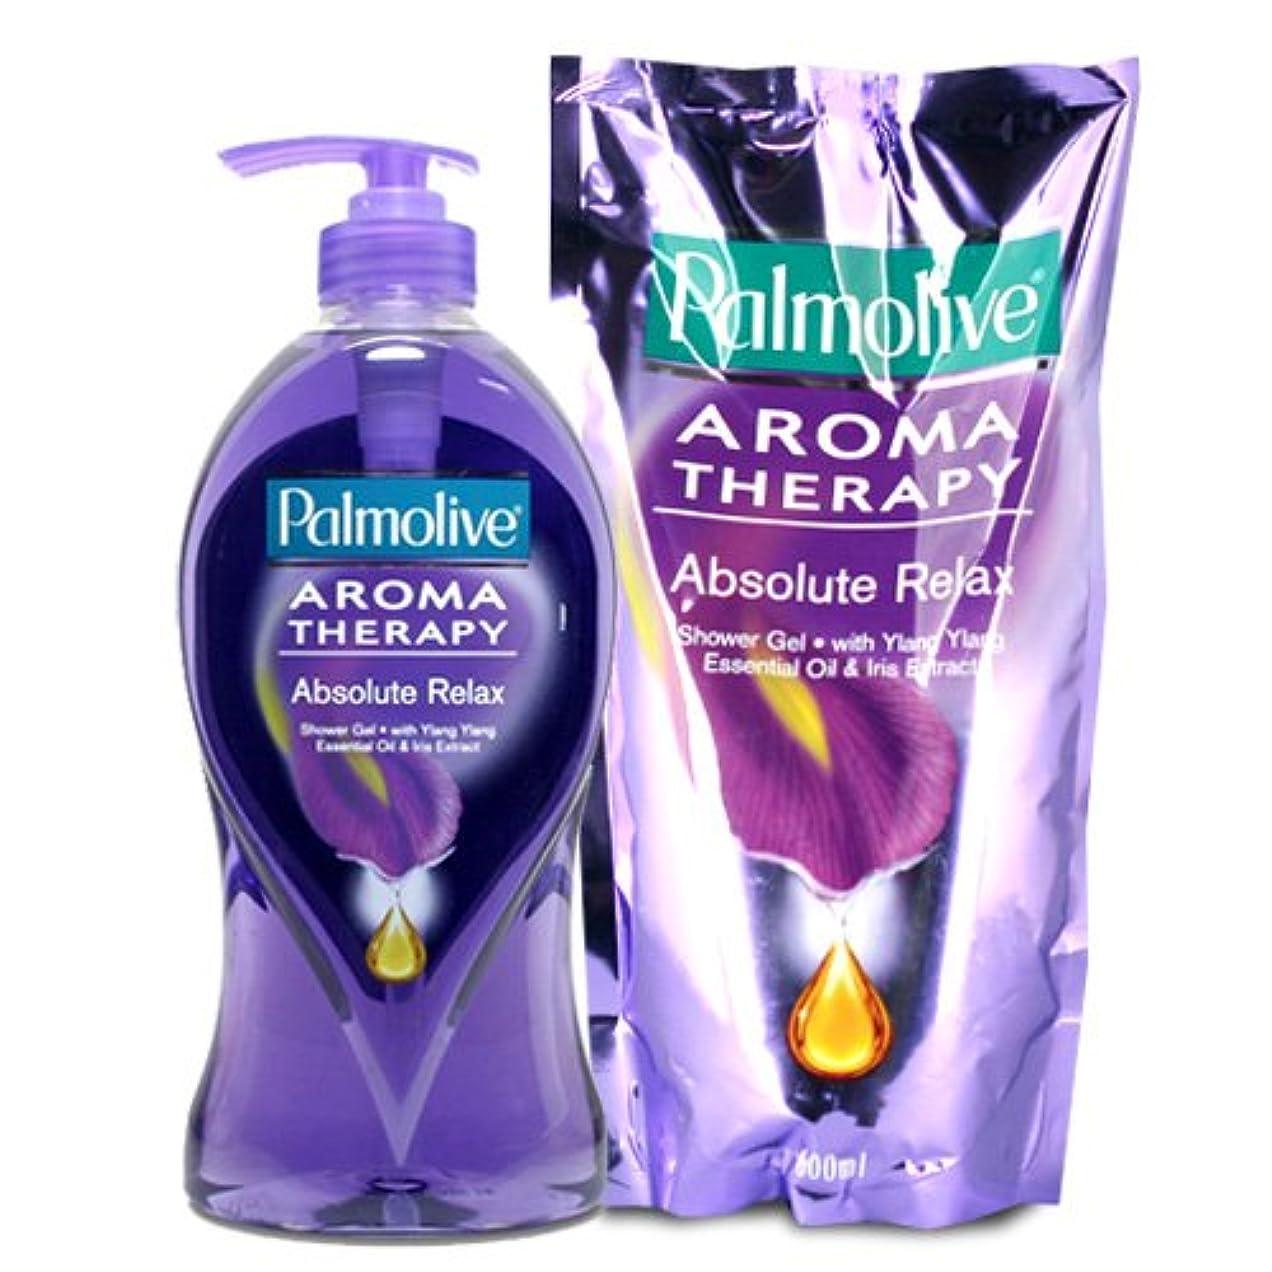 登場療法収容する【Palmolive】パルモリーブ アロマセラピーシャワージェル ボトルと詰め替えのセット (アブソルートリラックス)